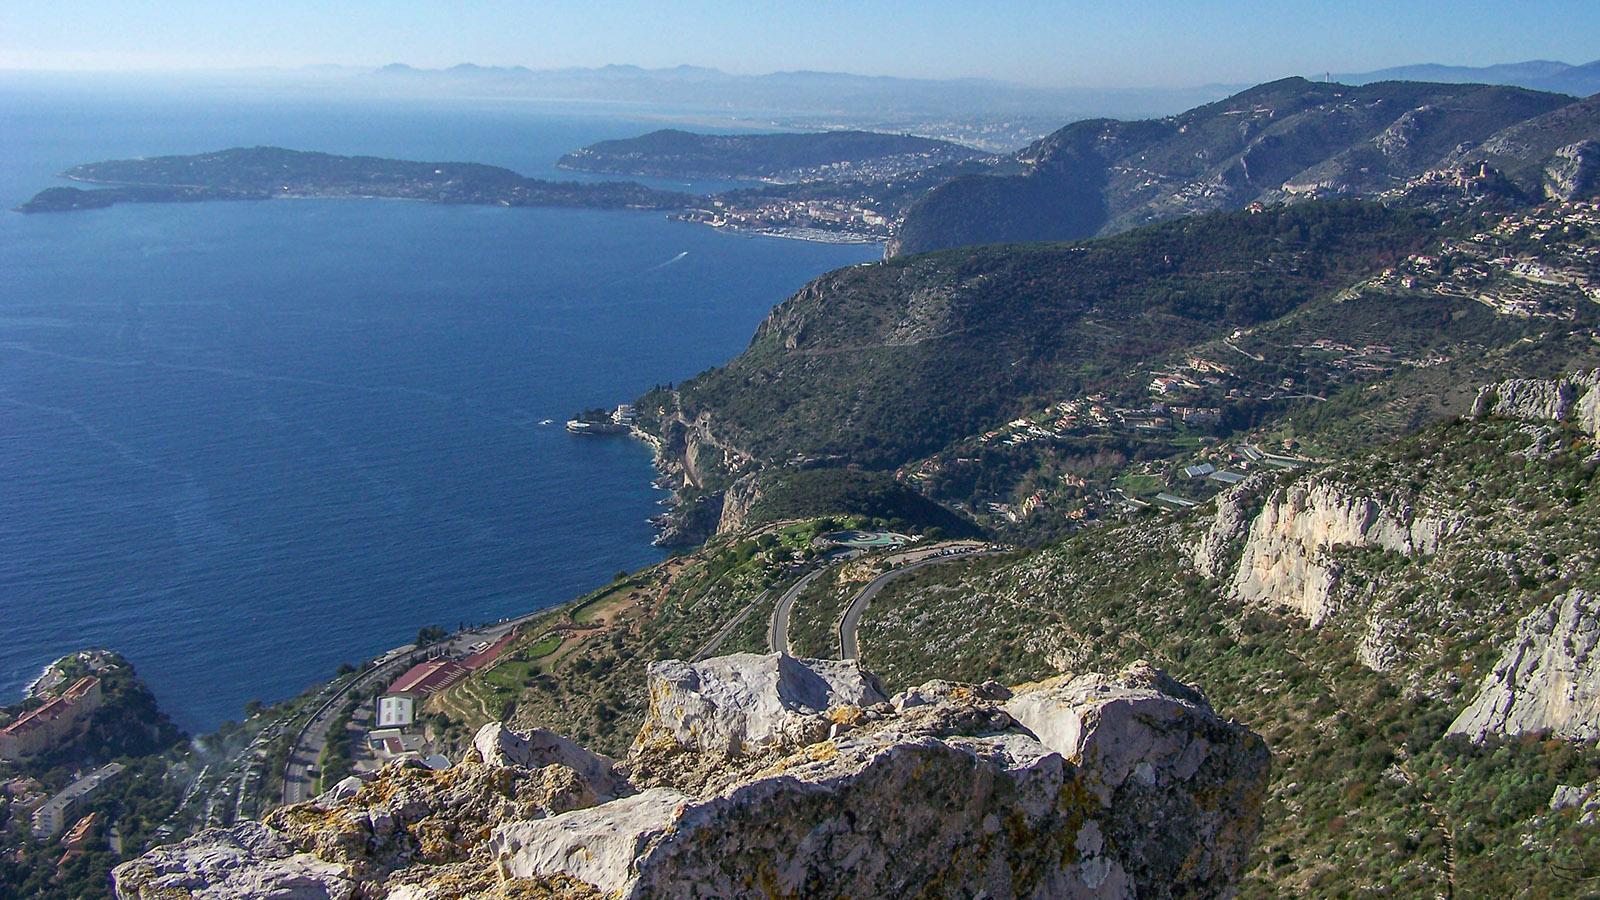 """Ein Stück der Côte d'Azur, gesehen vom """"Tête du Chien"""" oberhalb Monacos bis zur Halbinsel von Antibes."""